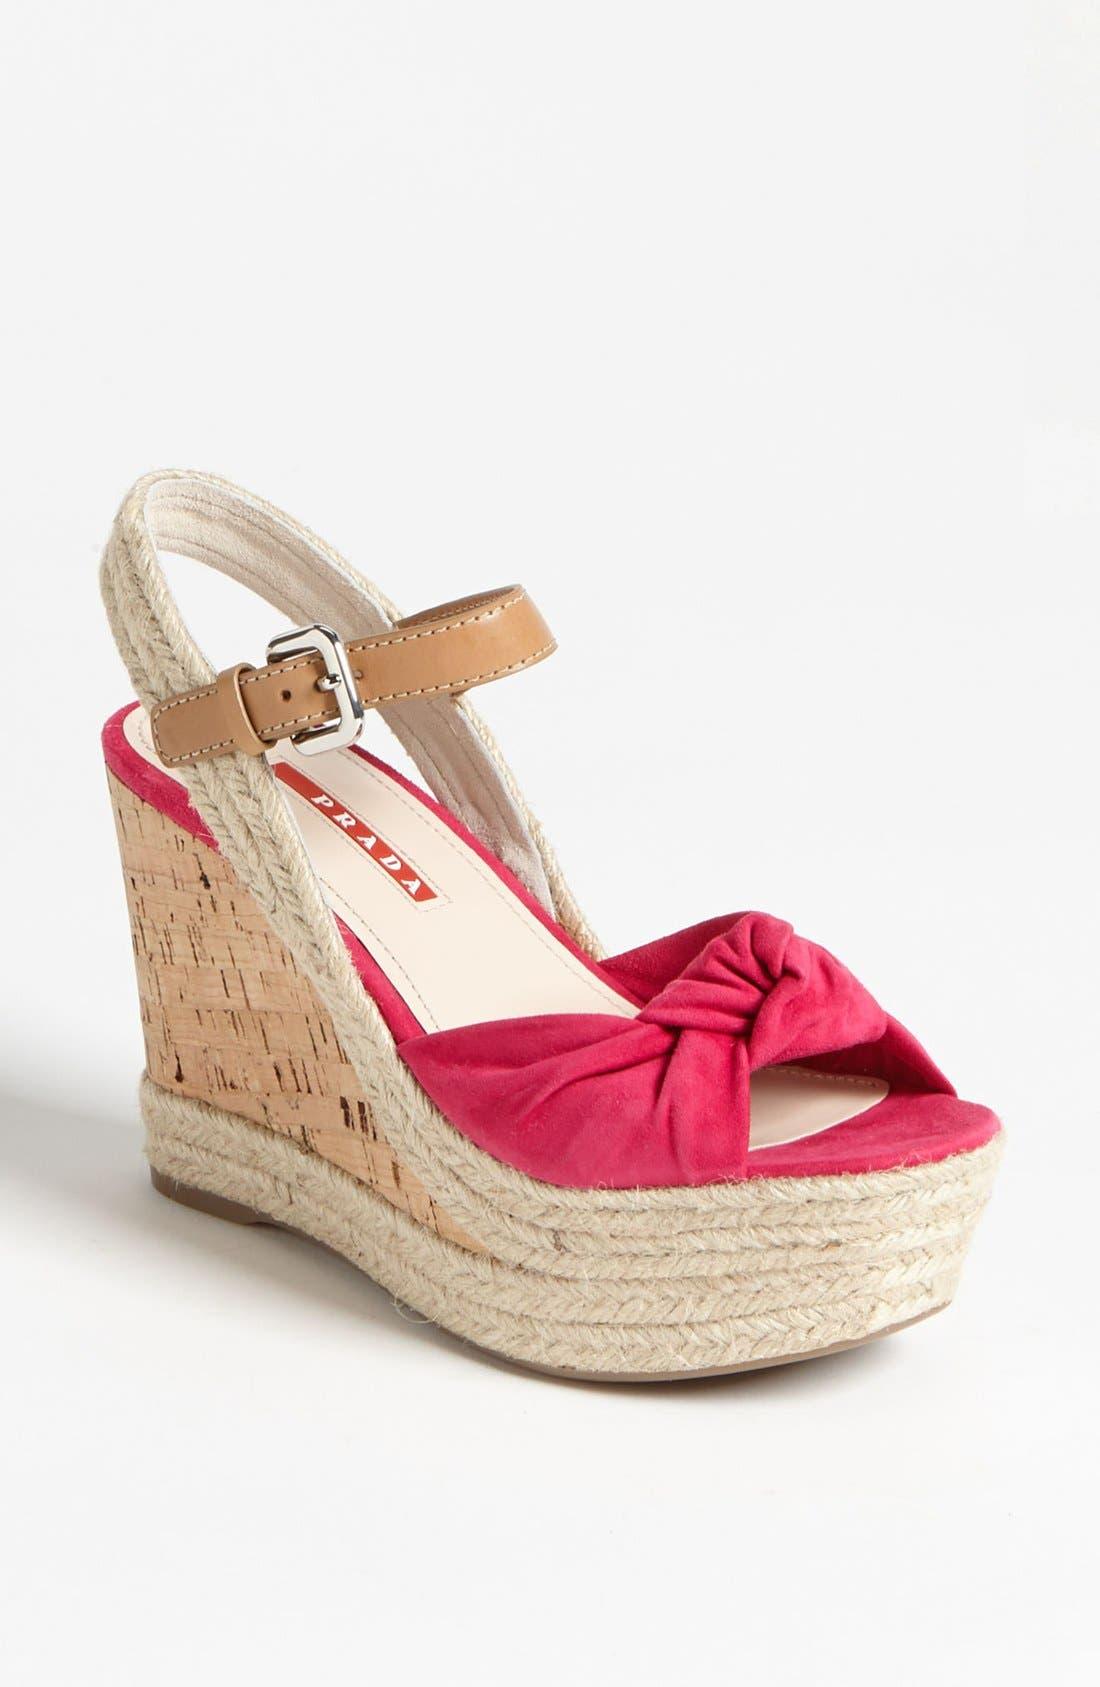 Alternate Image 1 Selected - Prada Knot Wedge Sandal